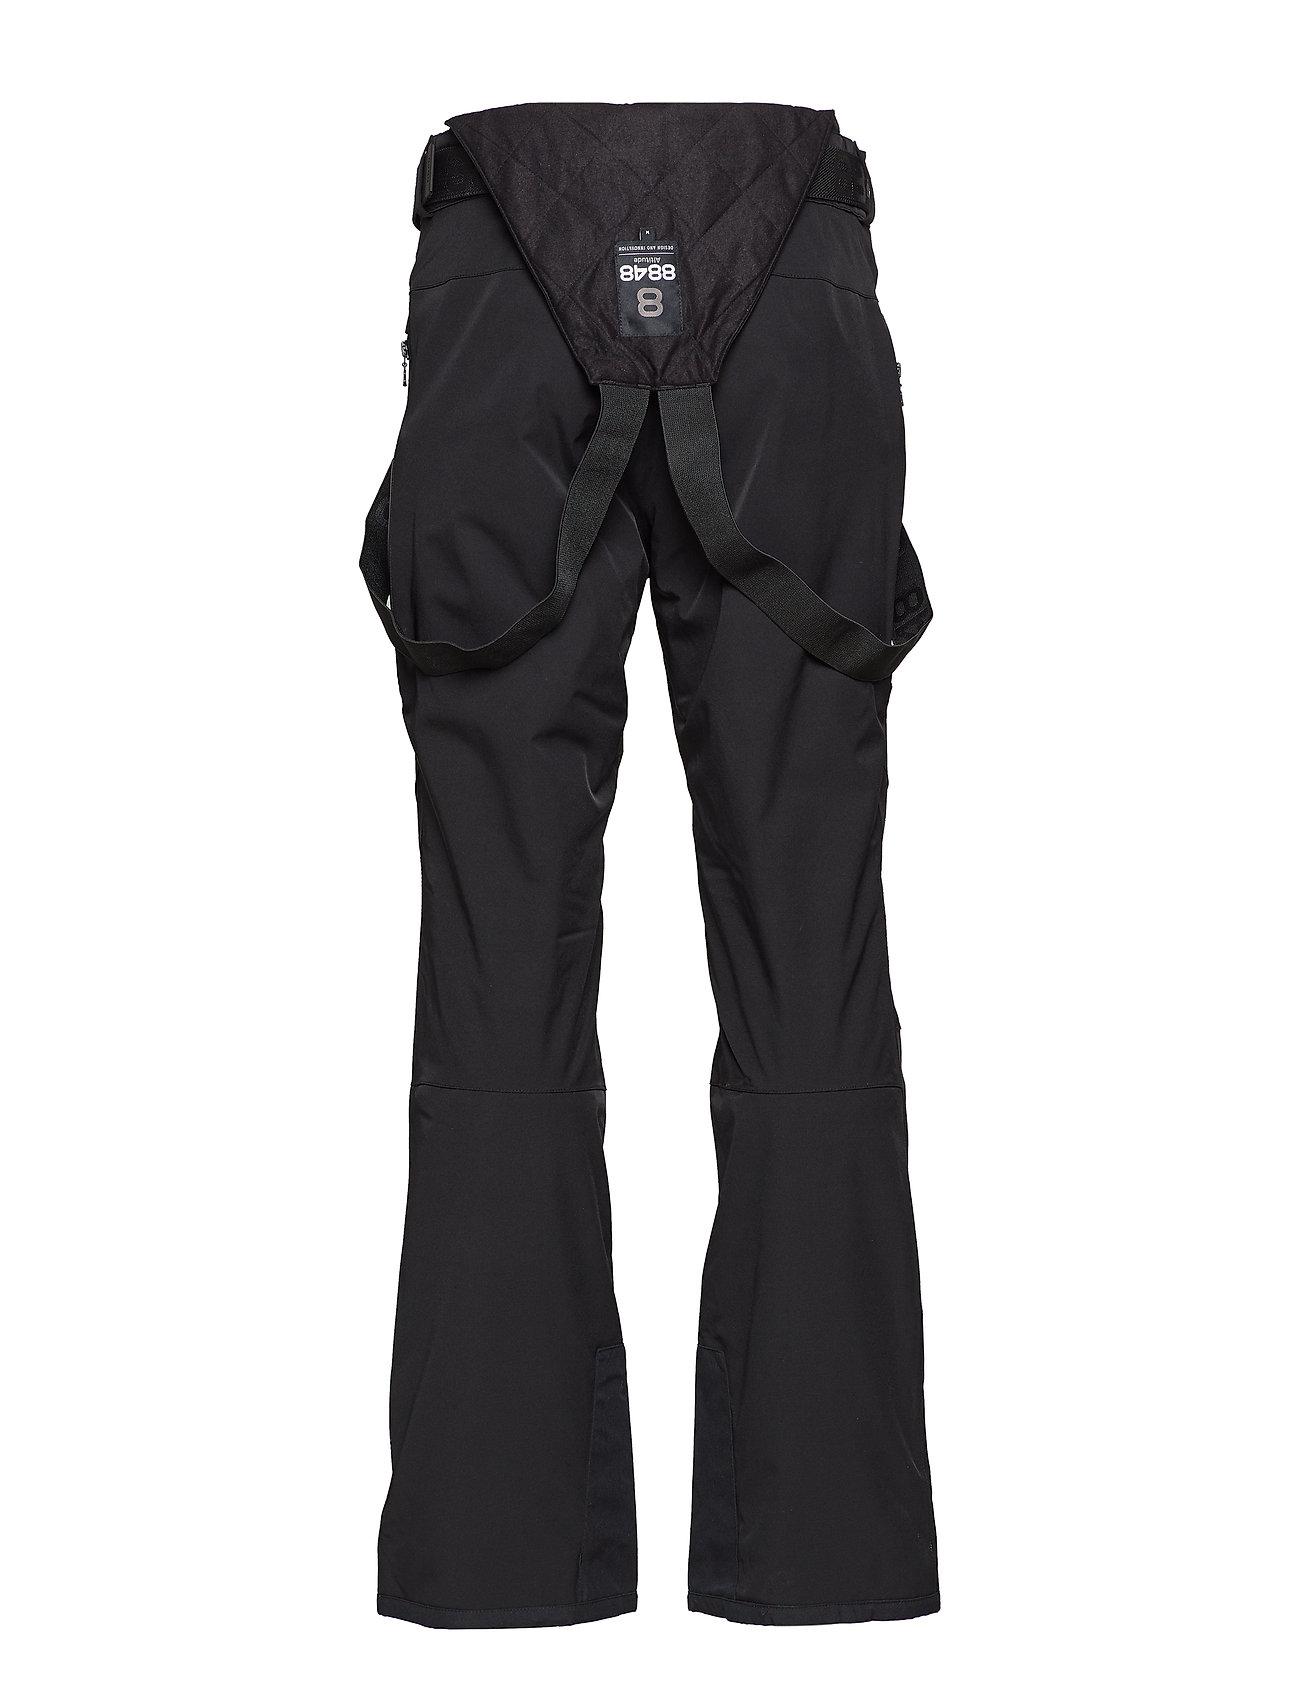 Venture 18 Pants Casual Bukser Sort 8848 Altitude